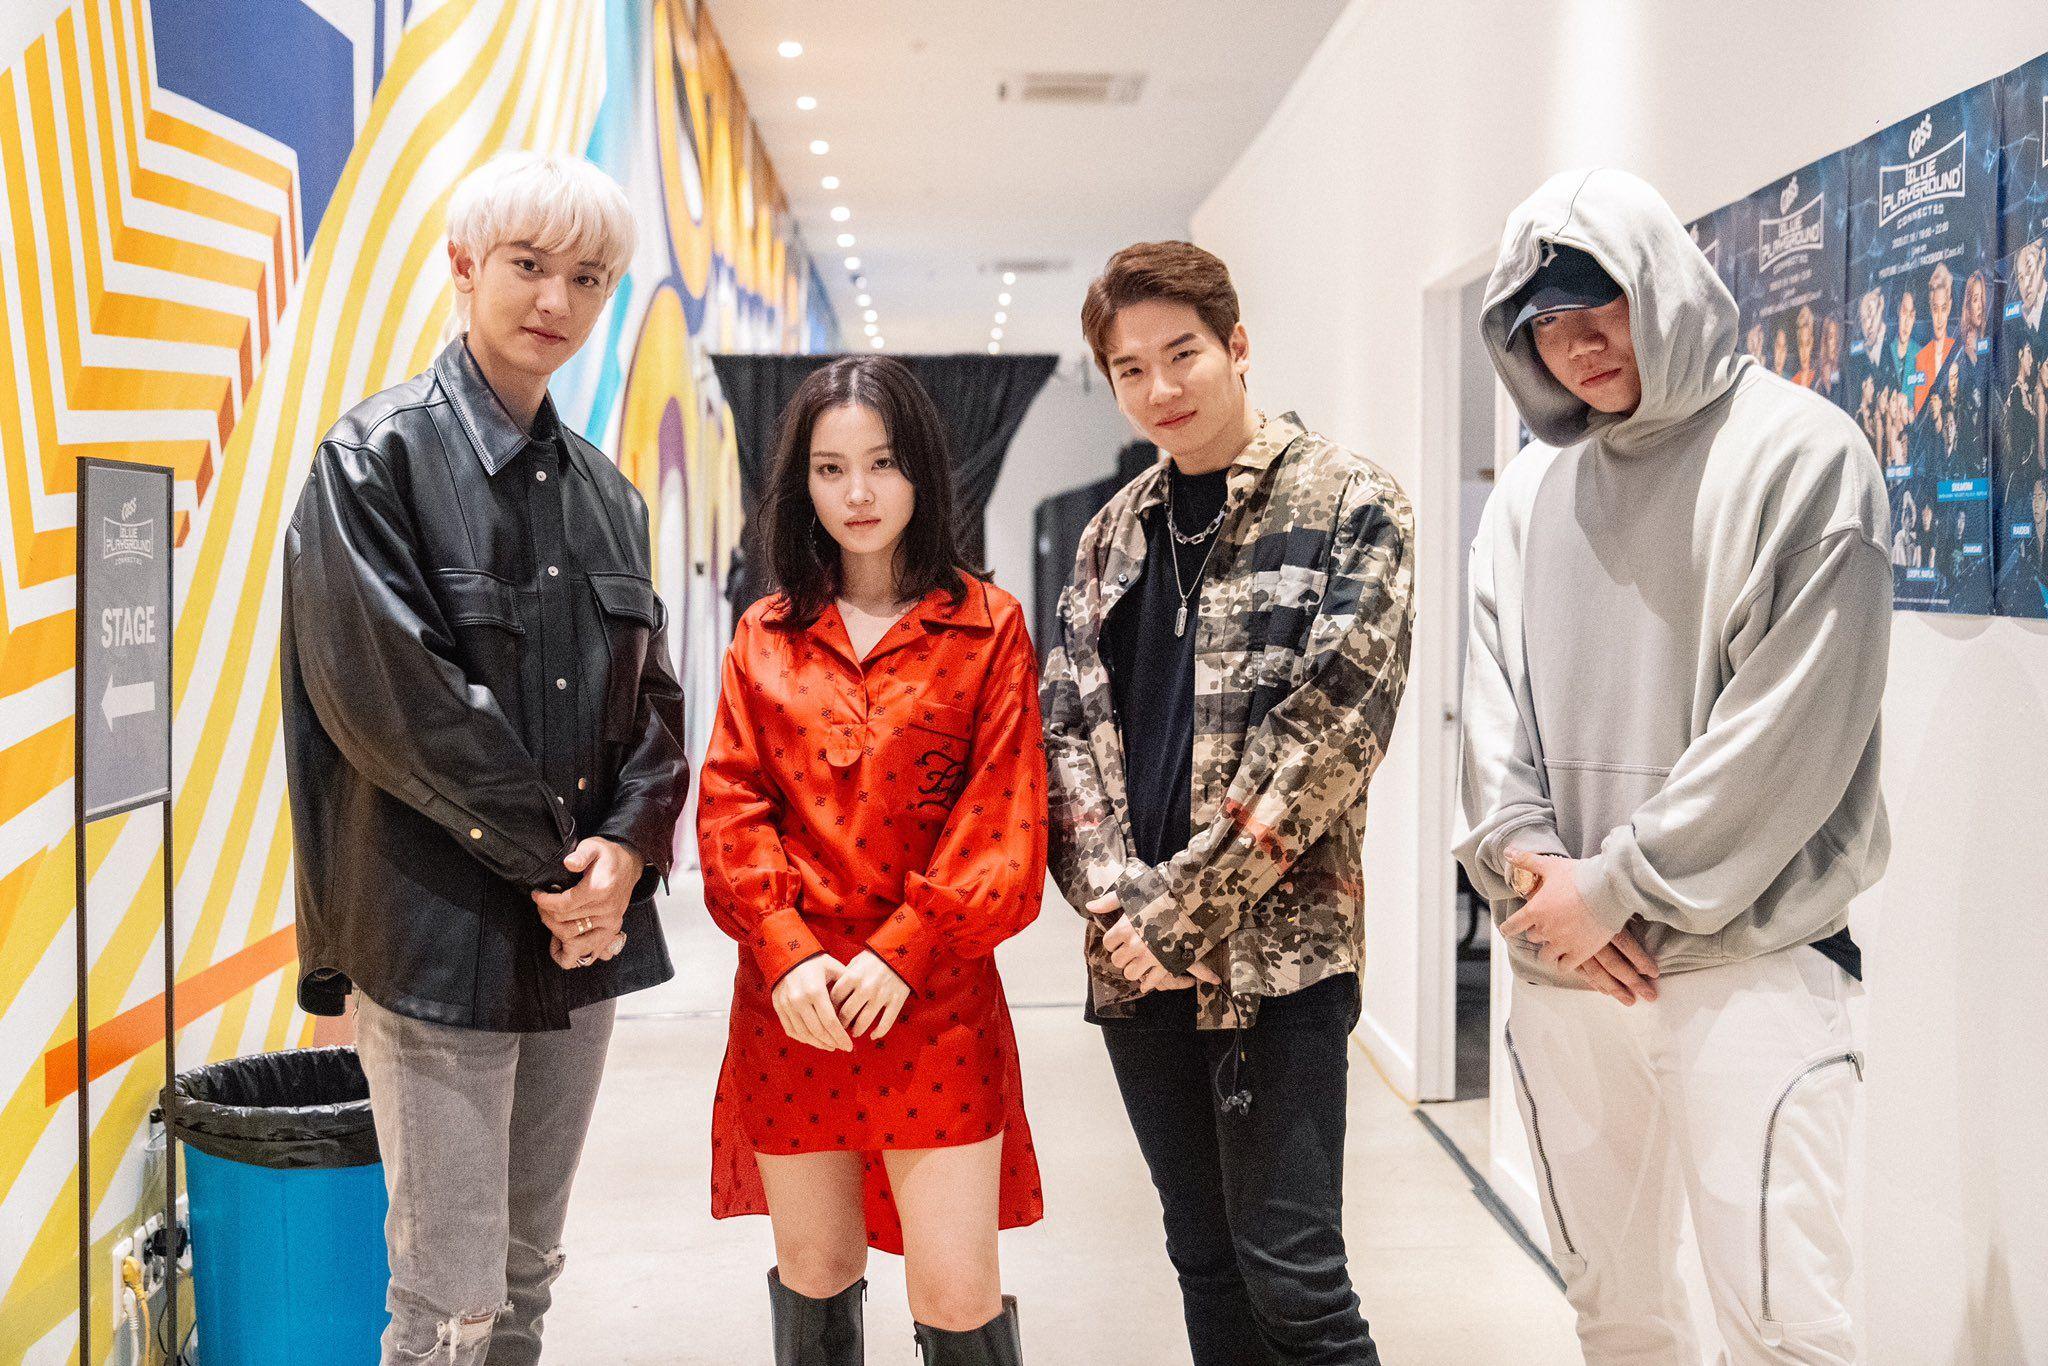 Yours-Raiden-Chanyeol-Lee-Hi-dan-Changmo